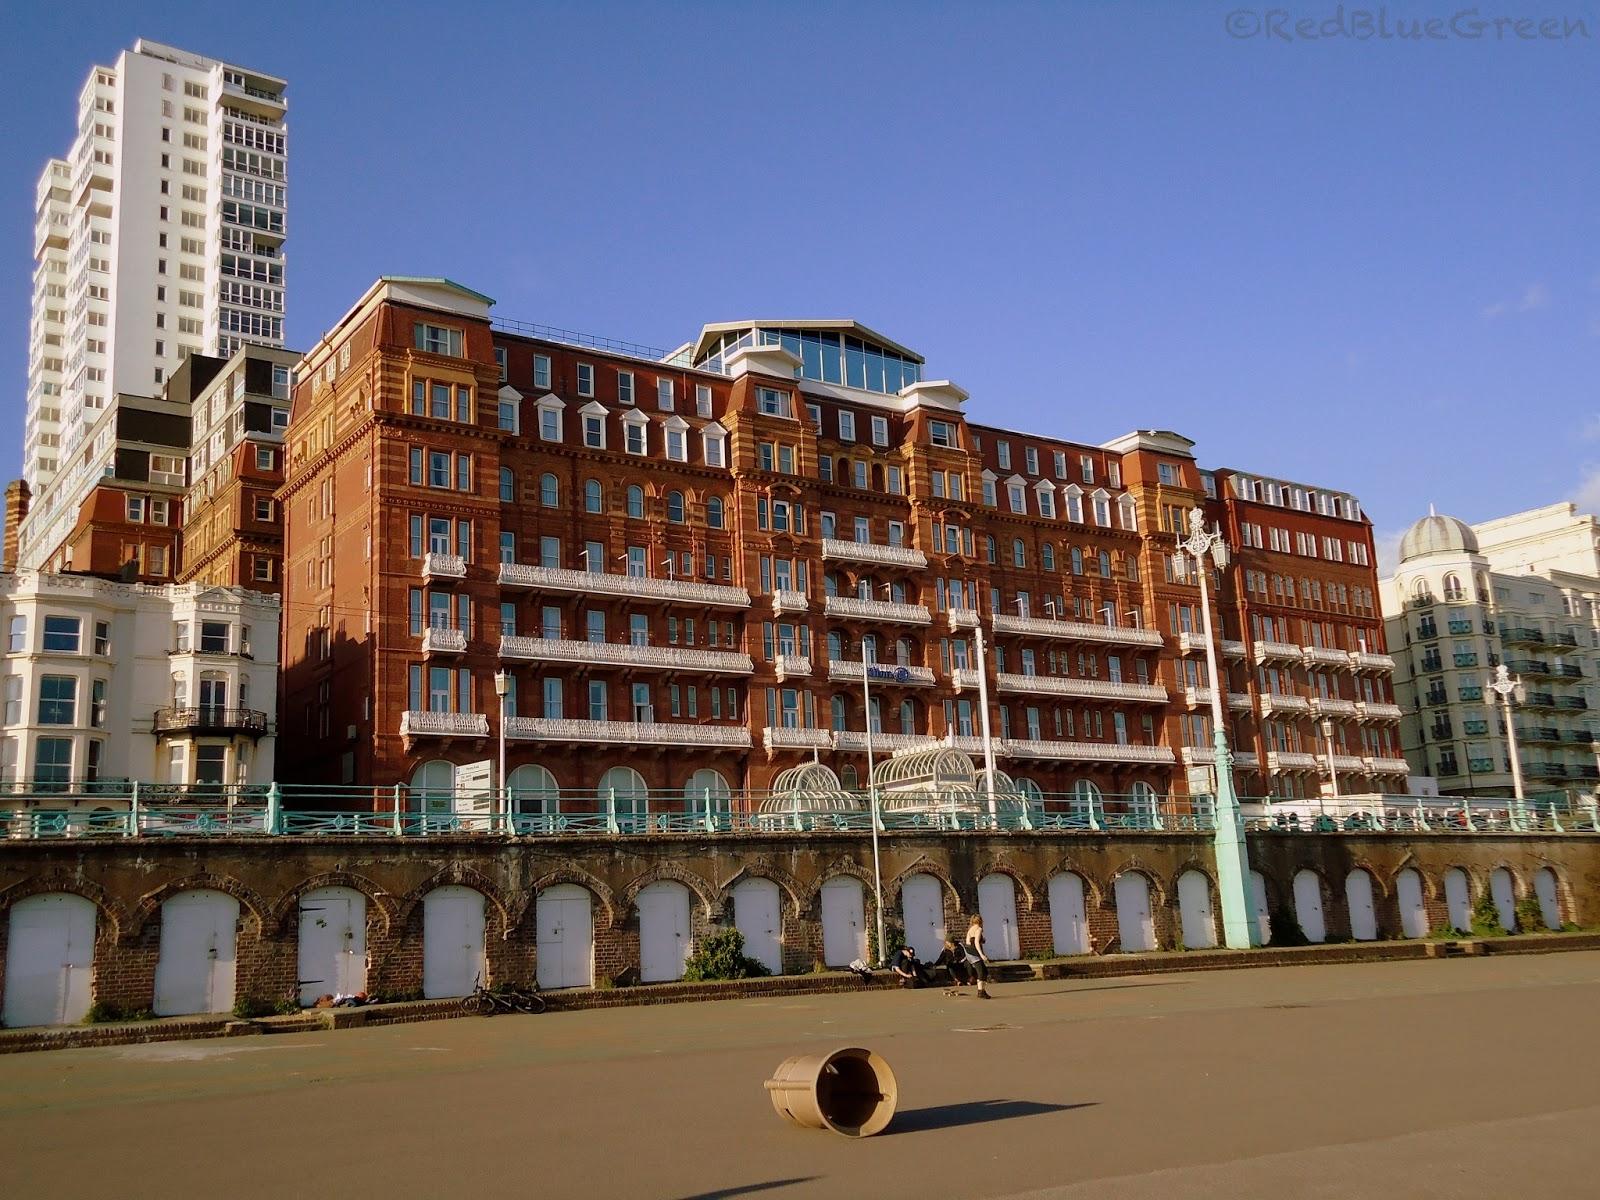 Brighton Seafront 1 Redbluegrin